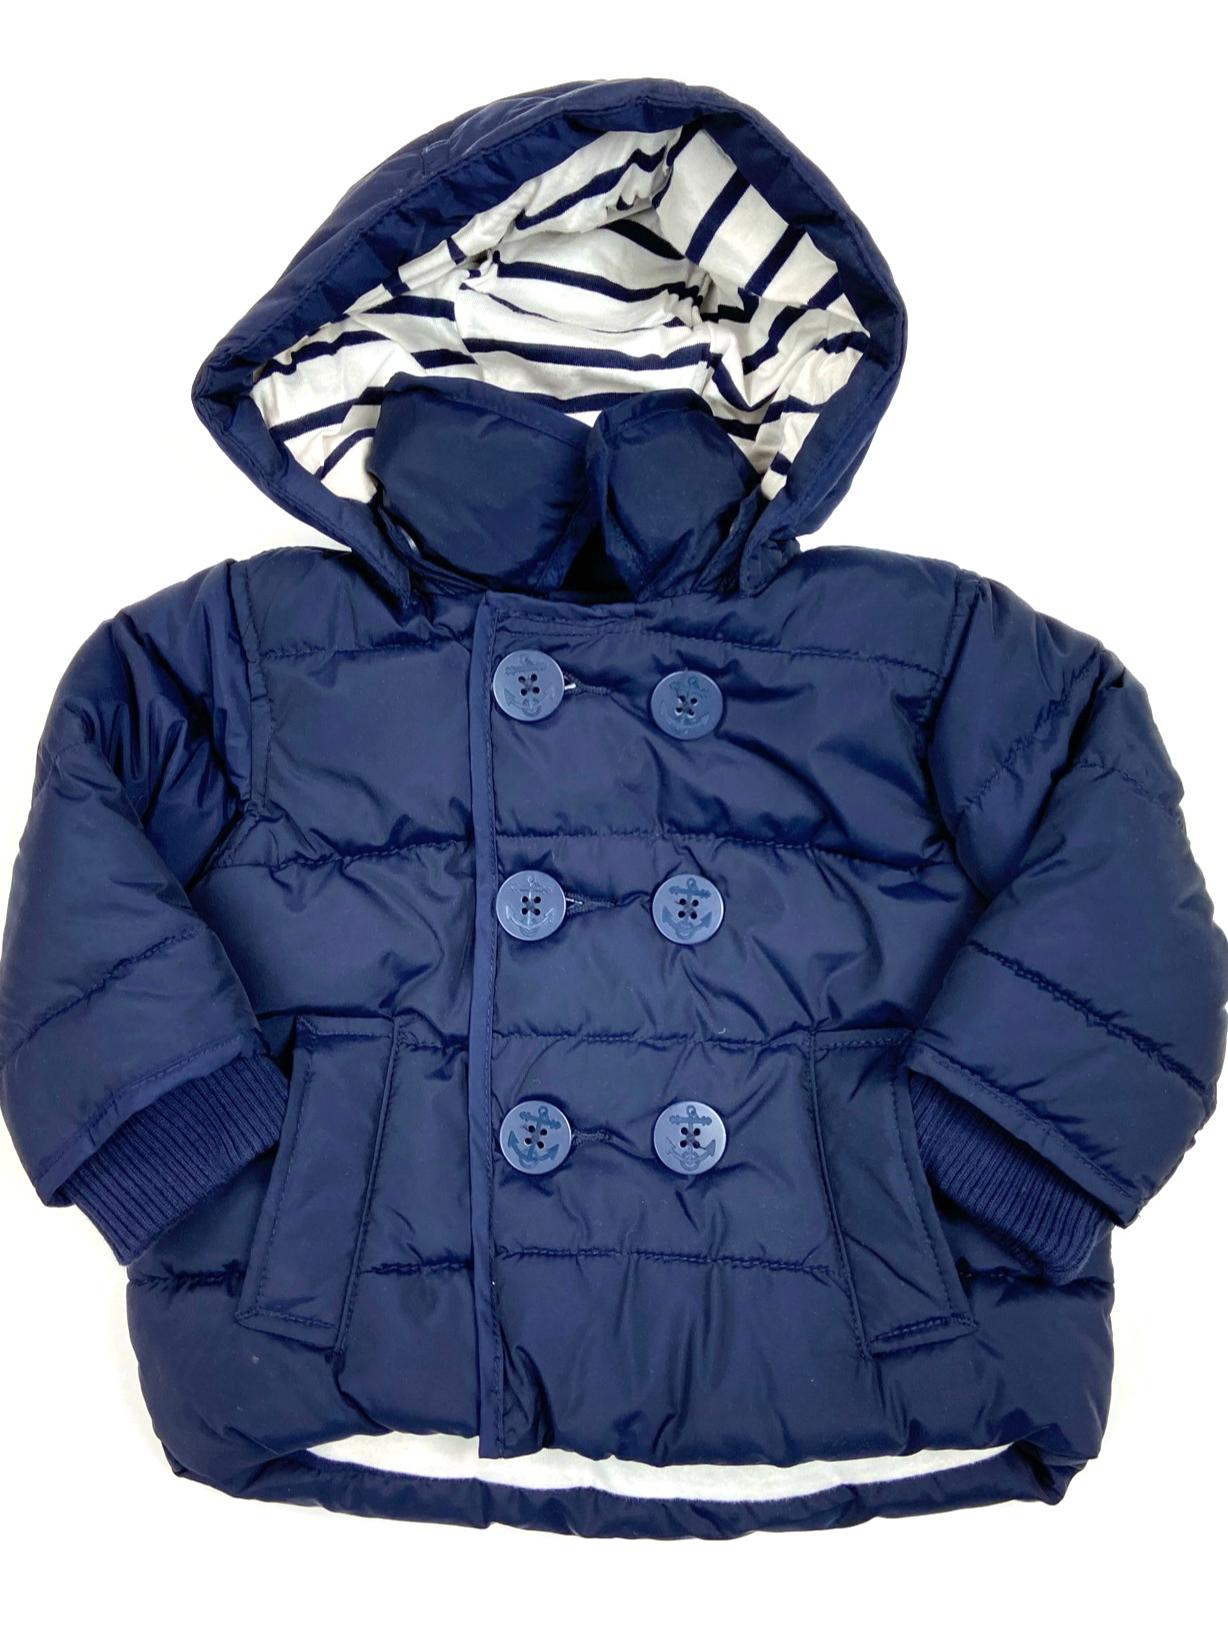 Gap Baby  0-3M Outerwear